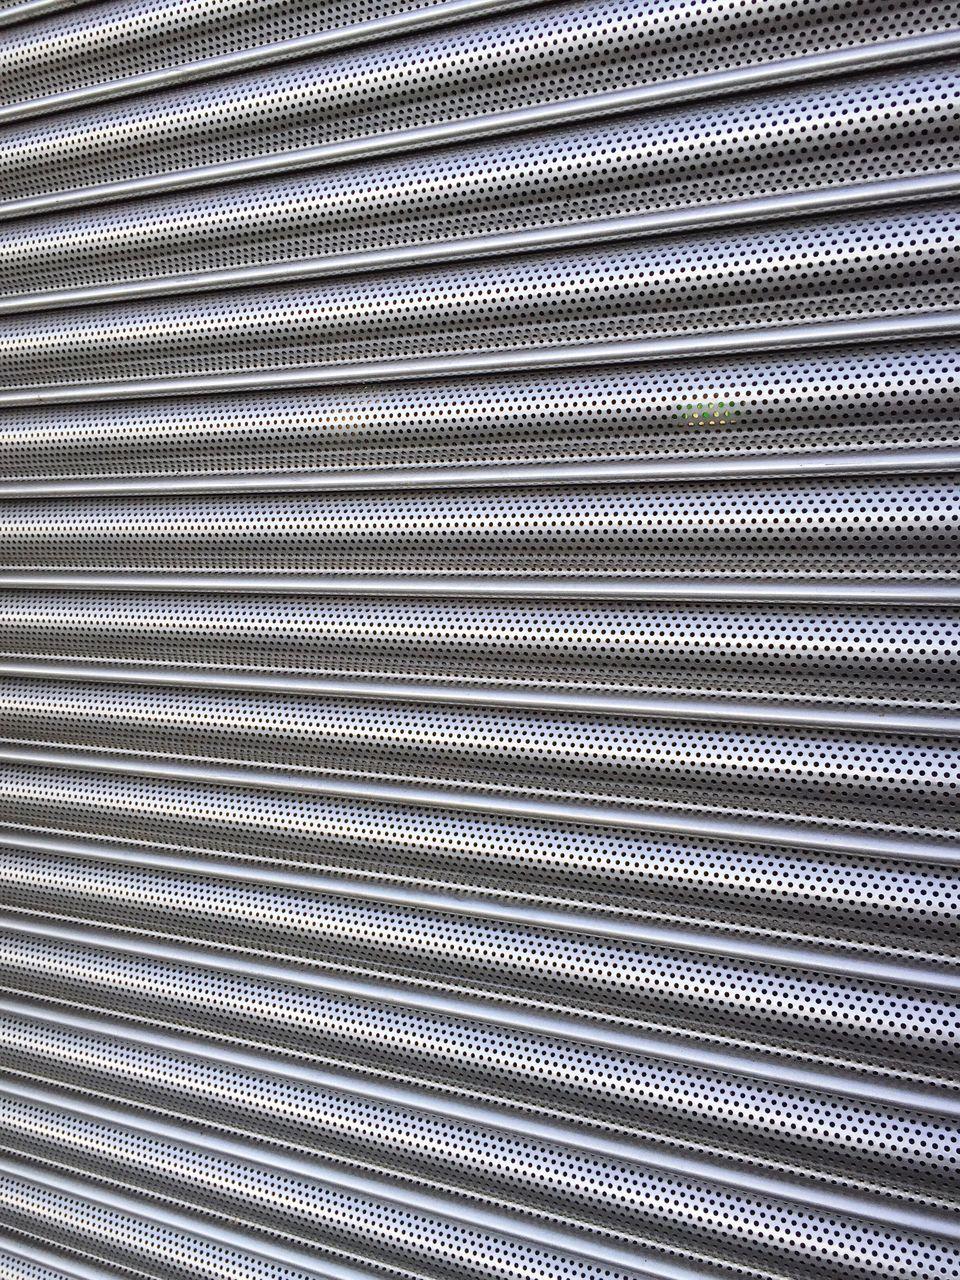 Full Frame Shot Of Shutter Door